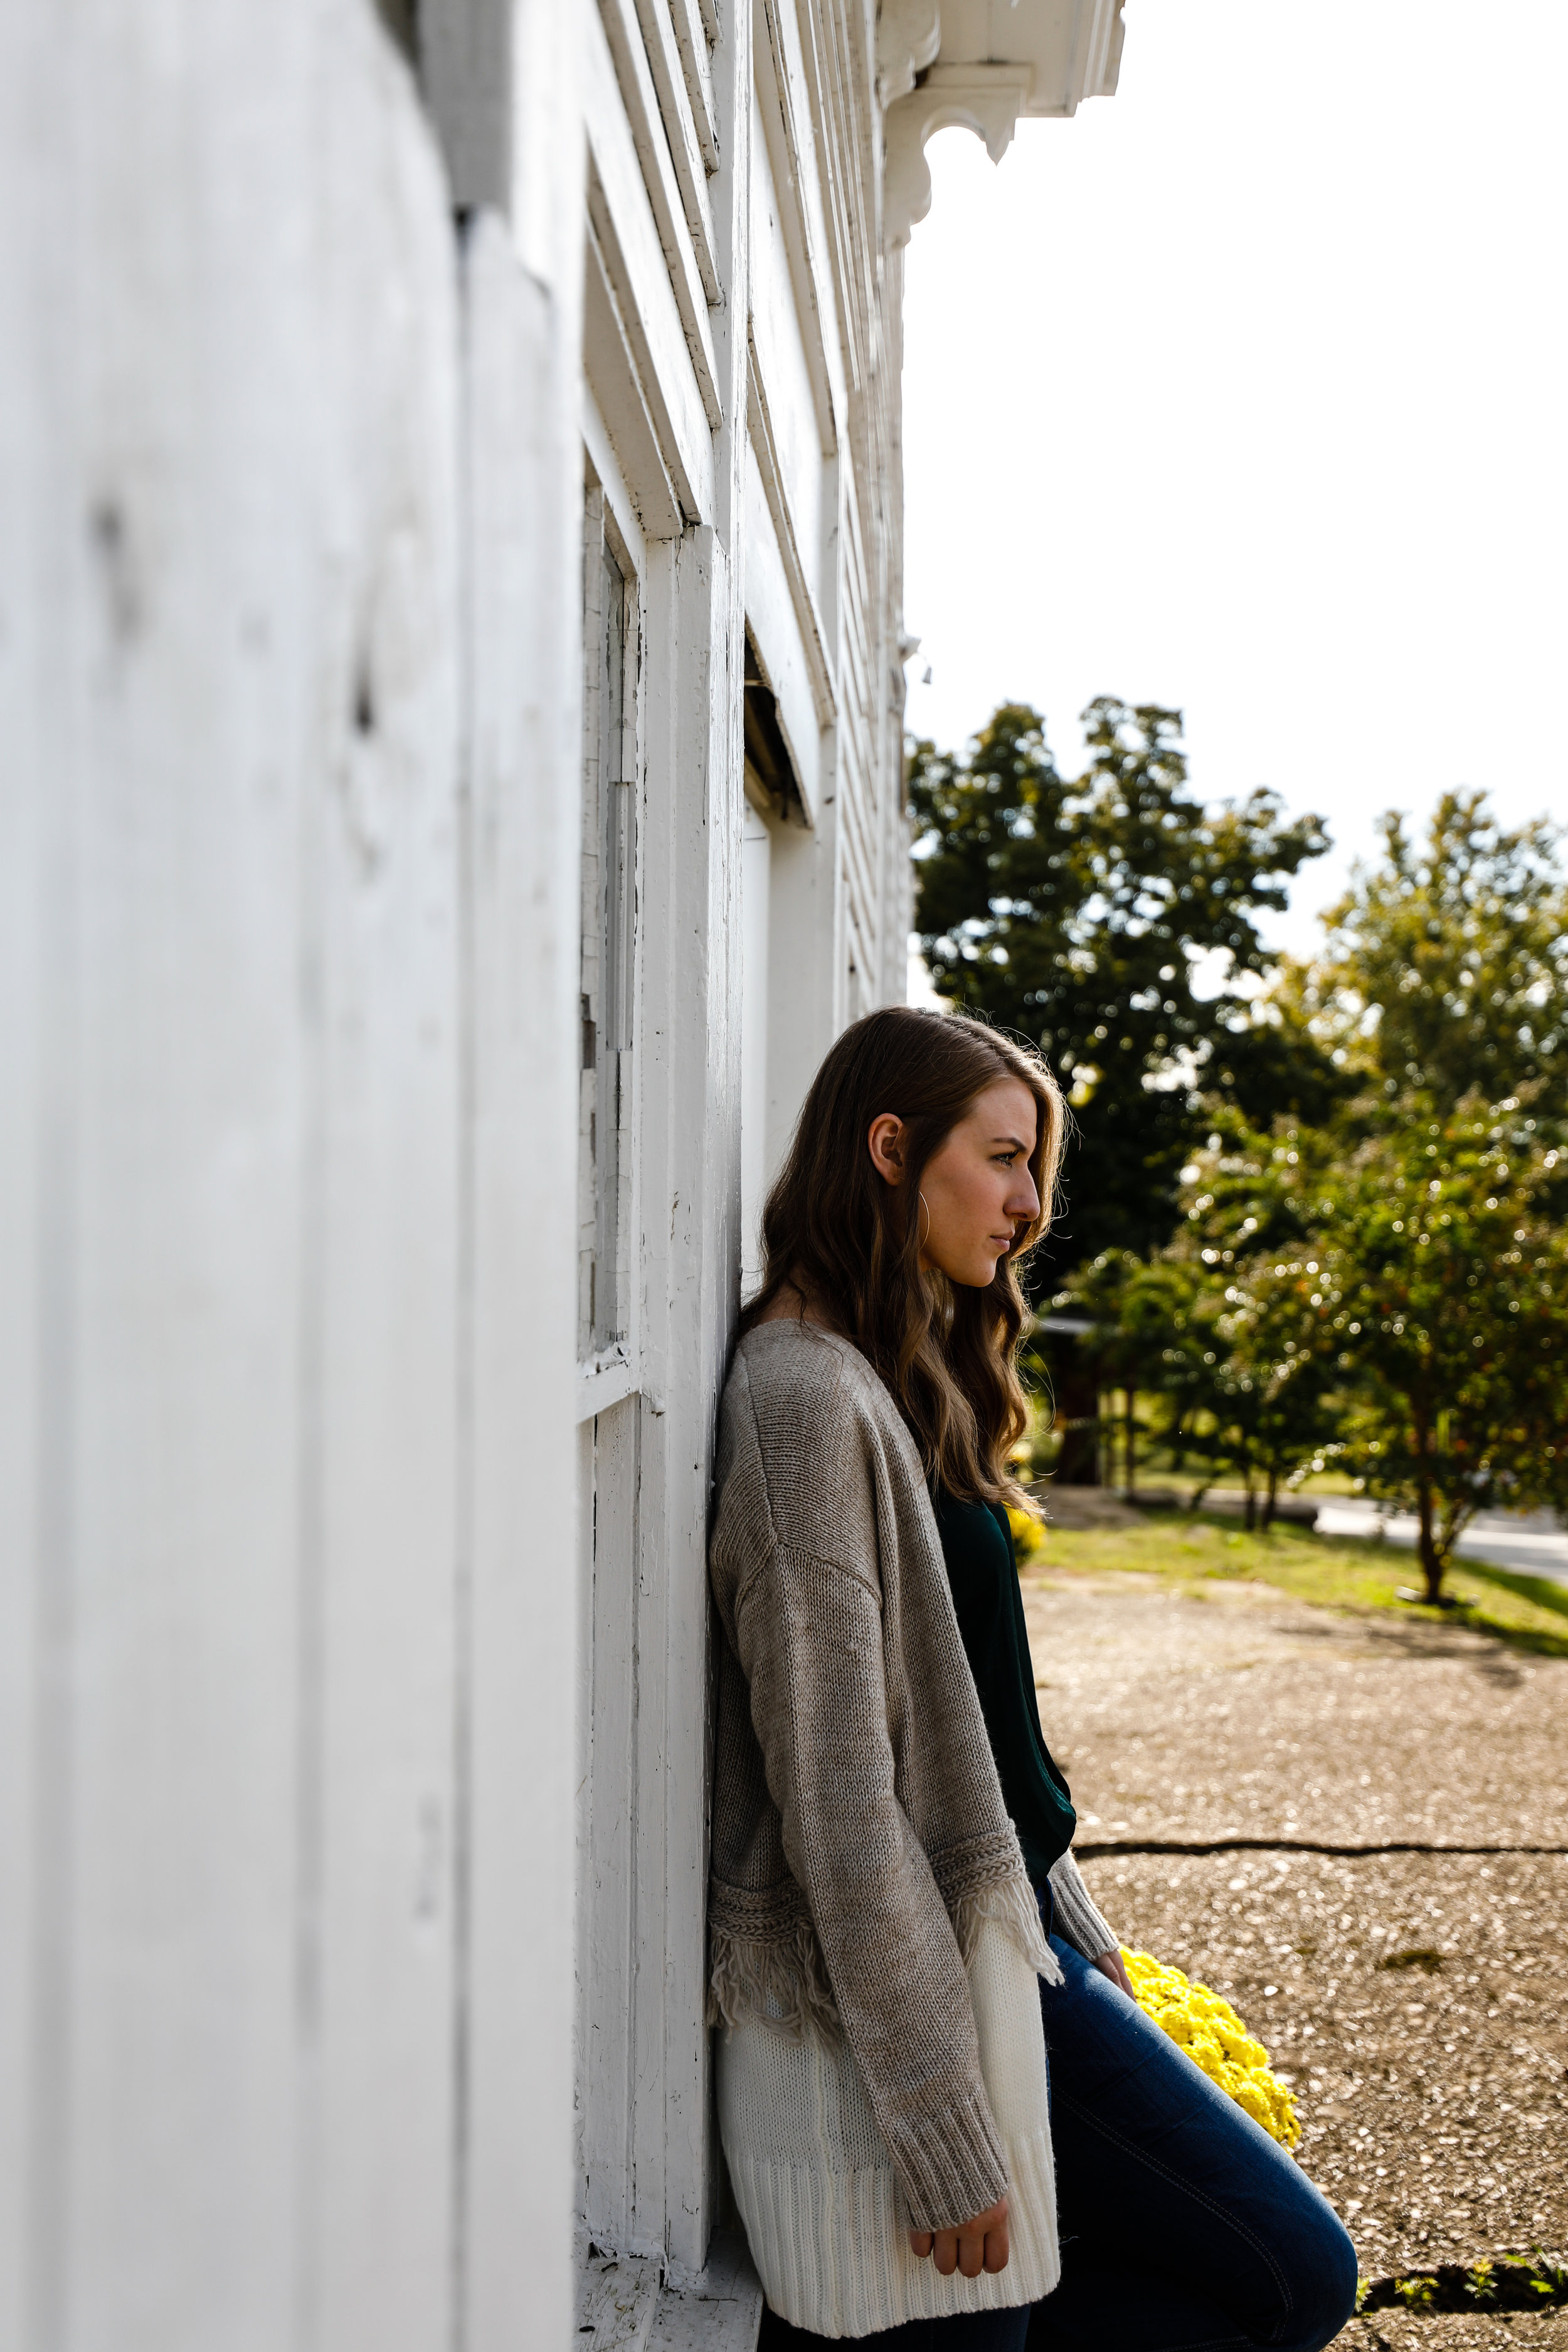 Katie-9595.jpg